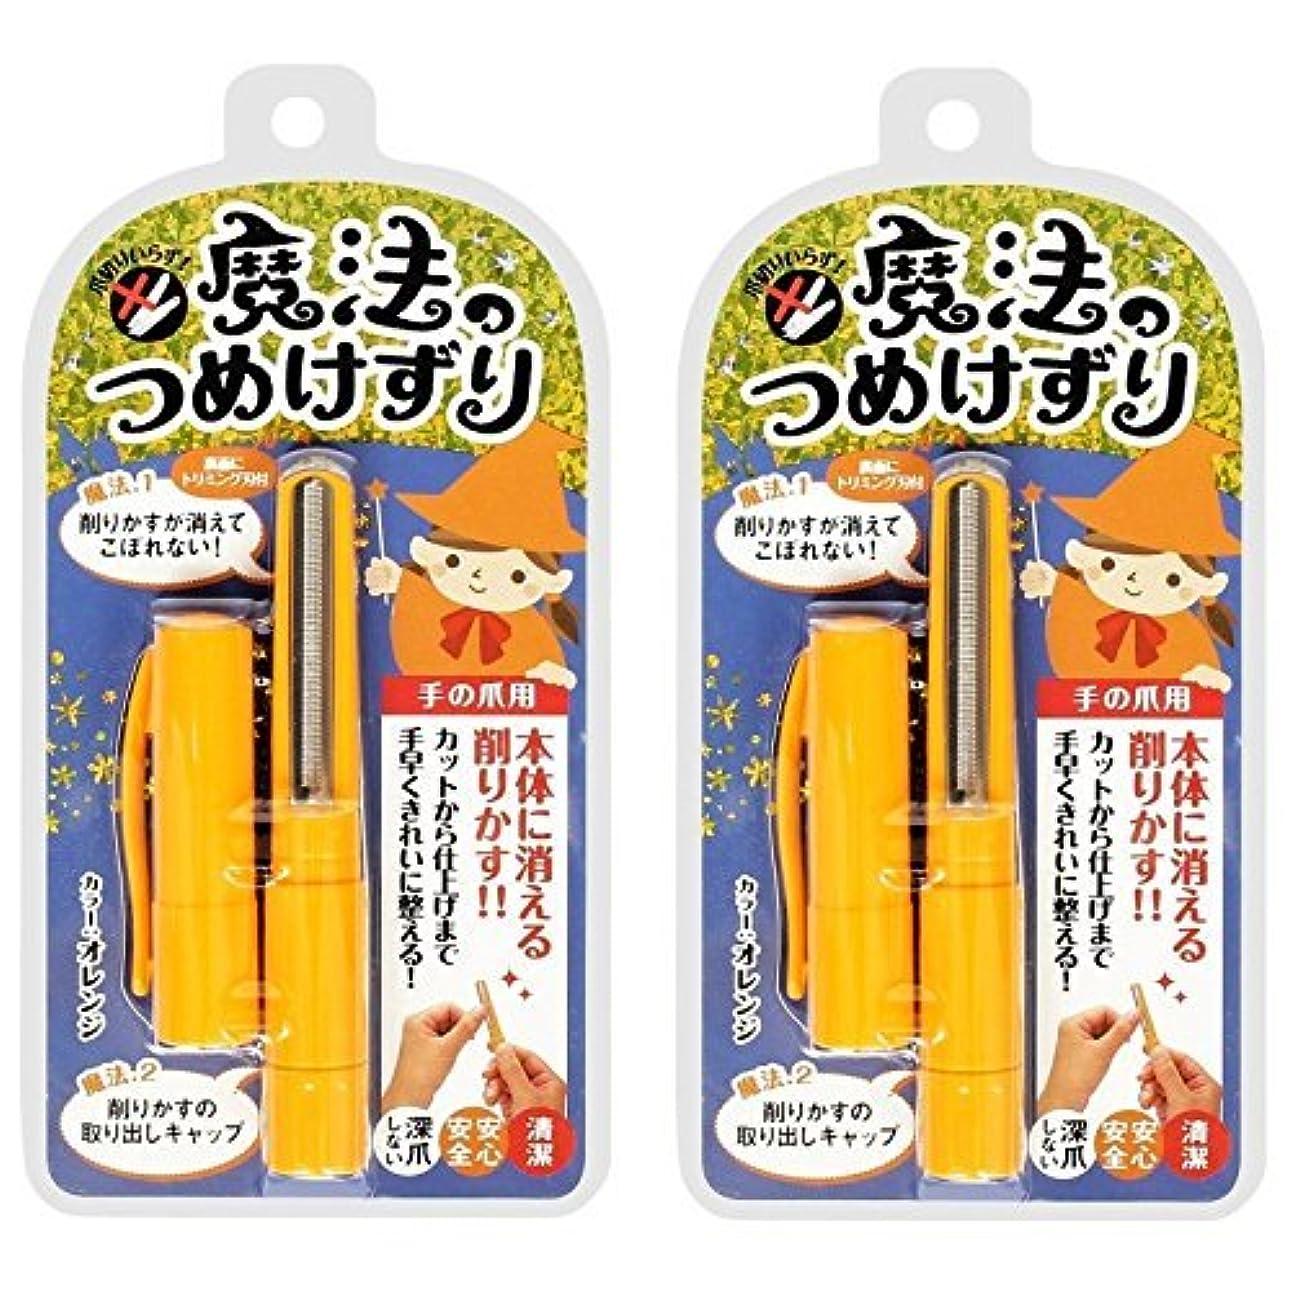 アテンダントクレタ宿泊【セット品】松本金型 魔法のつめけずり MM-090 オレンジ ×2個